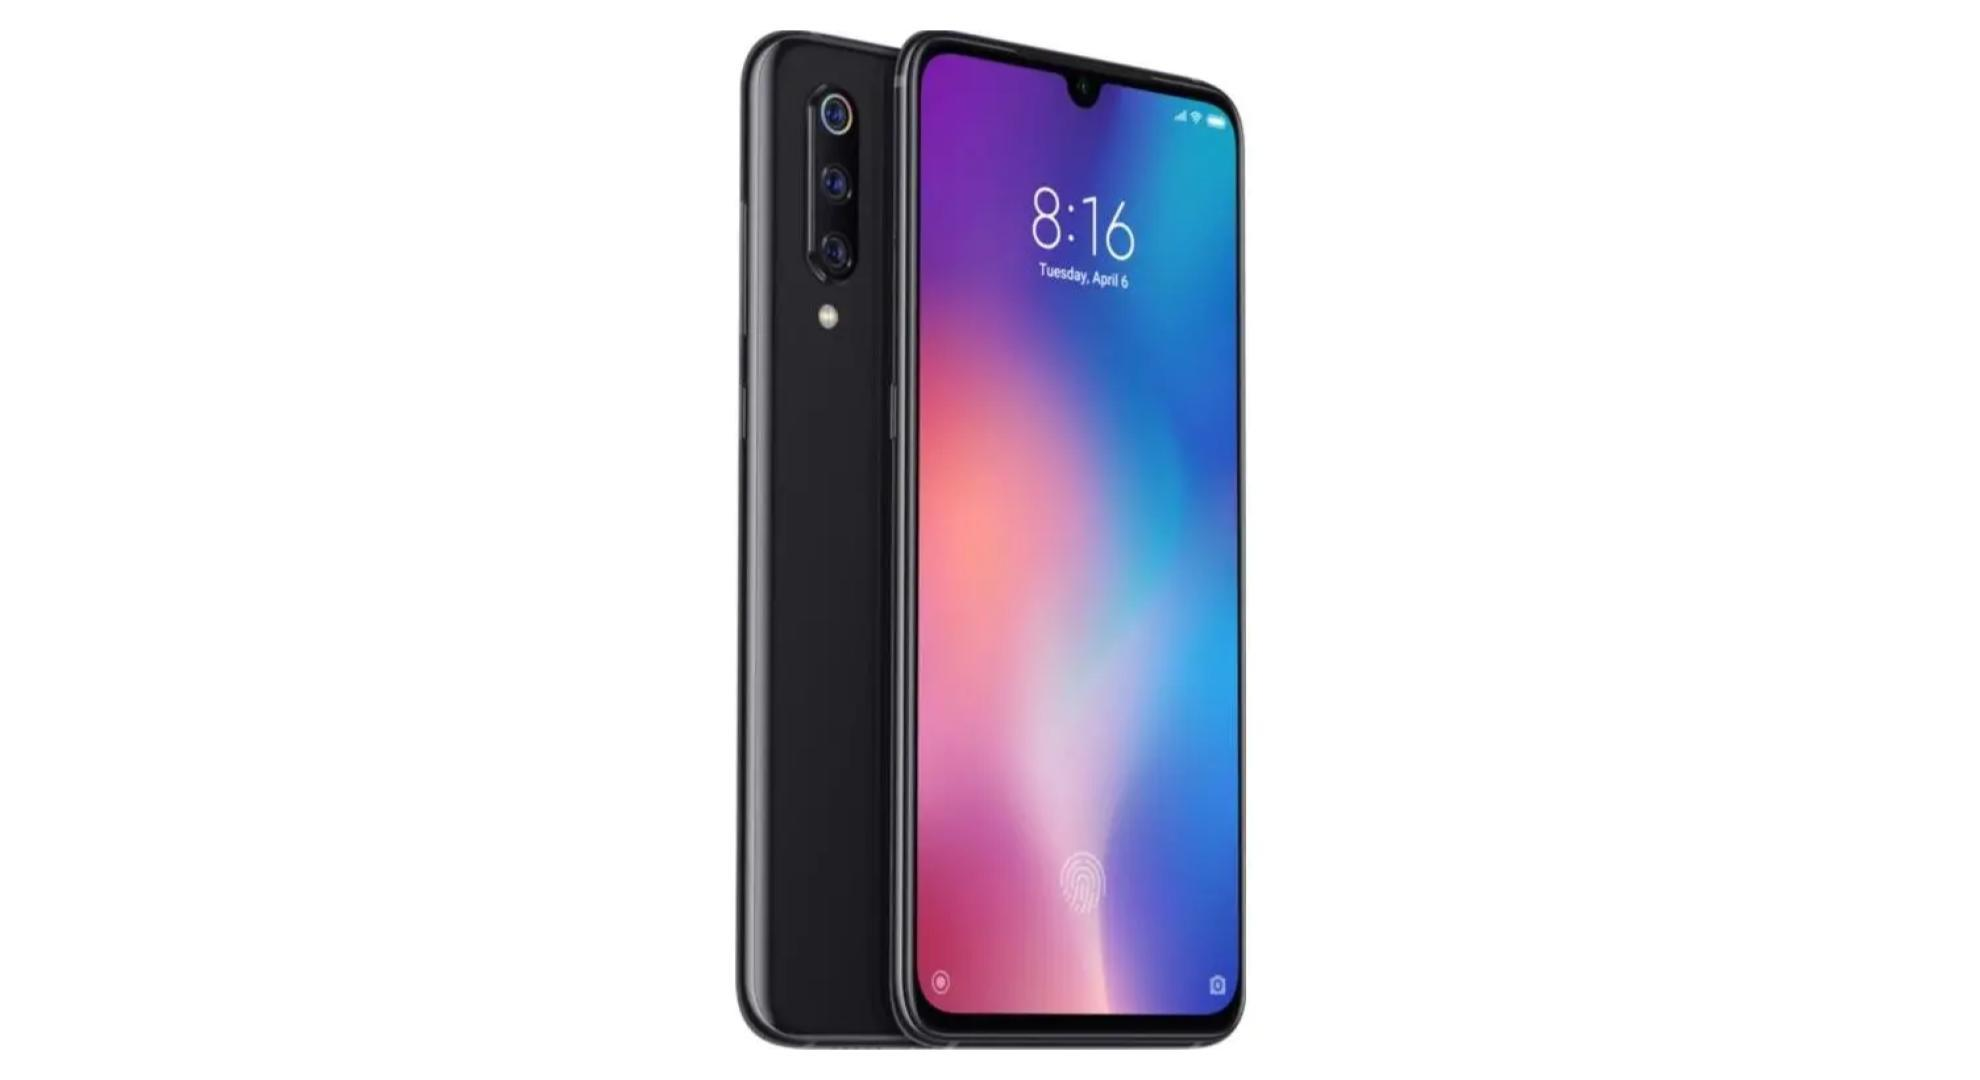 🔥 Bon plan : Xiaomi Mi 9, ou comment avoir un Snapdragon 855 pour 324 euros